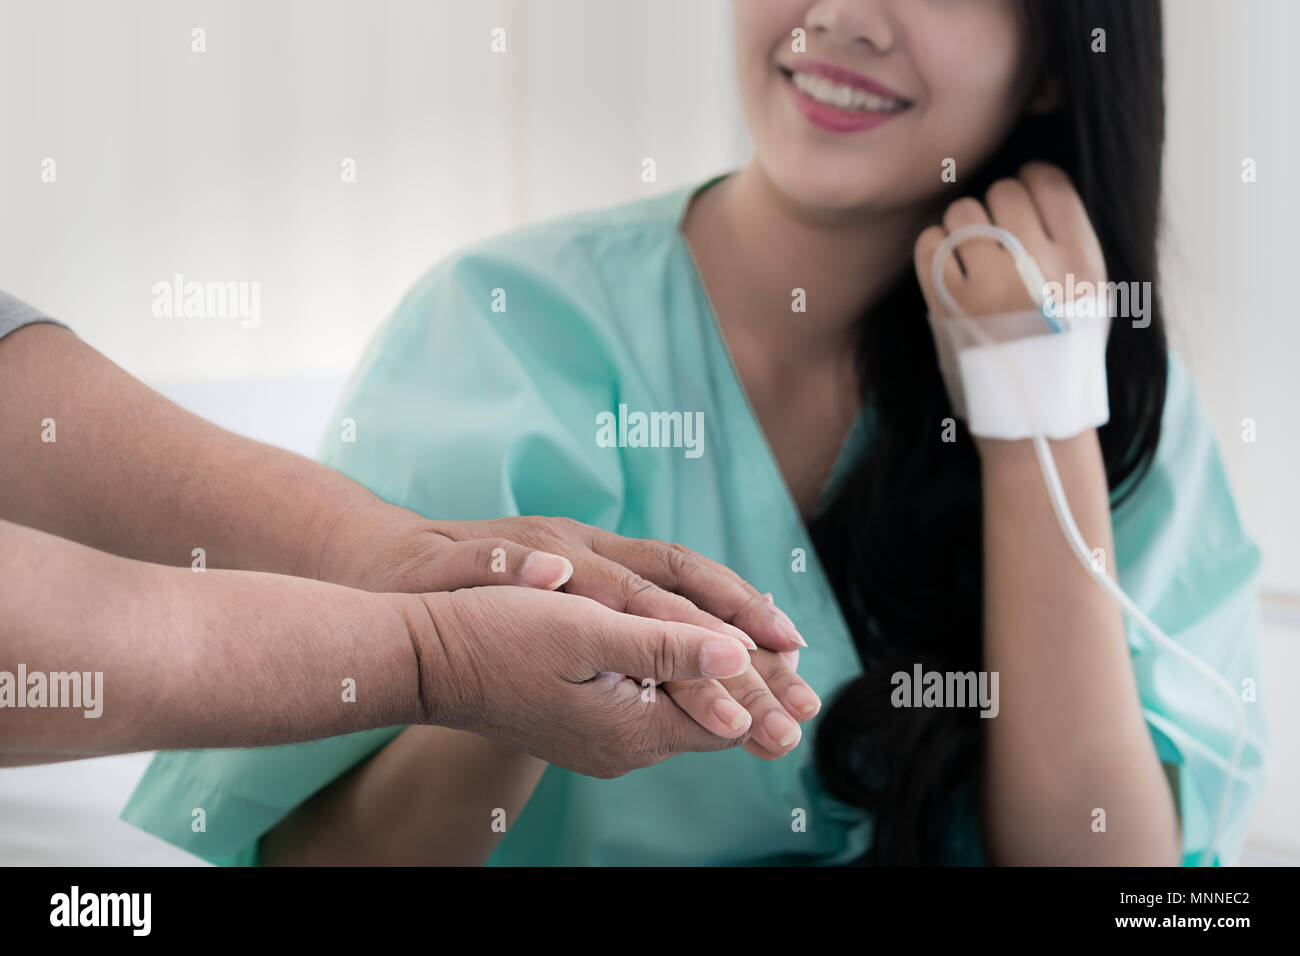 Madre manos sosteniendo su hija mano paciente sentado al escritorio de aliento, de empatía, vítores y apoyo al examen médico. Bueno ne Imagen De Stock